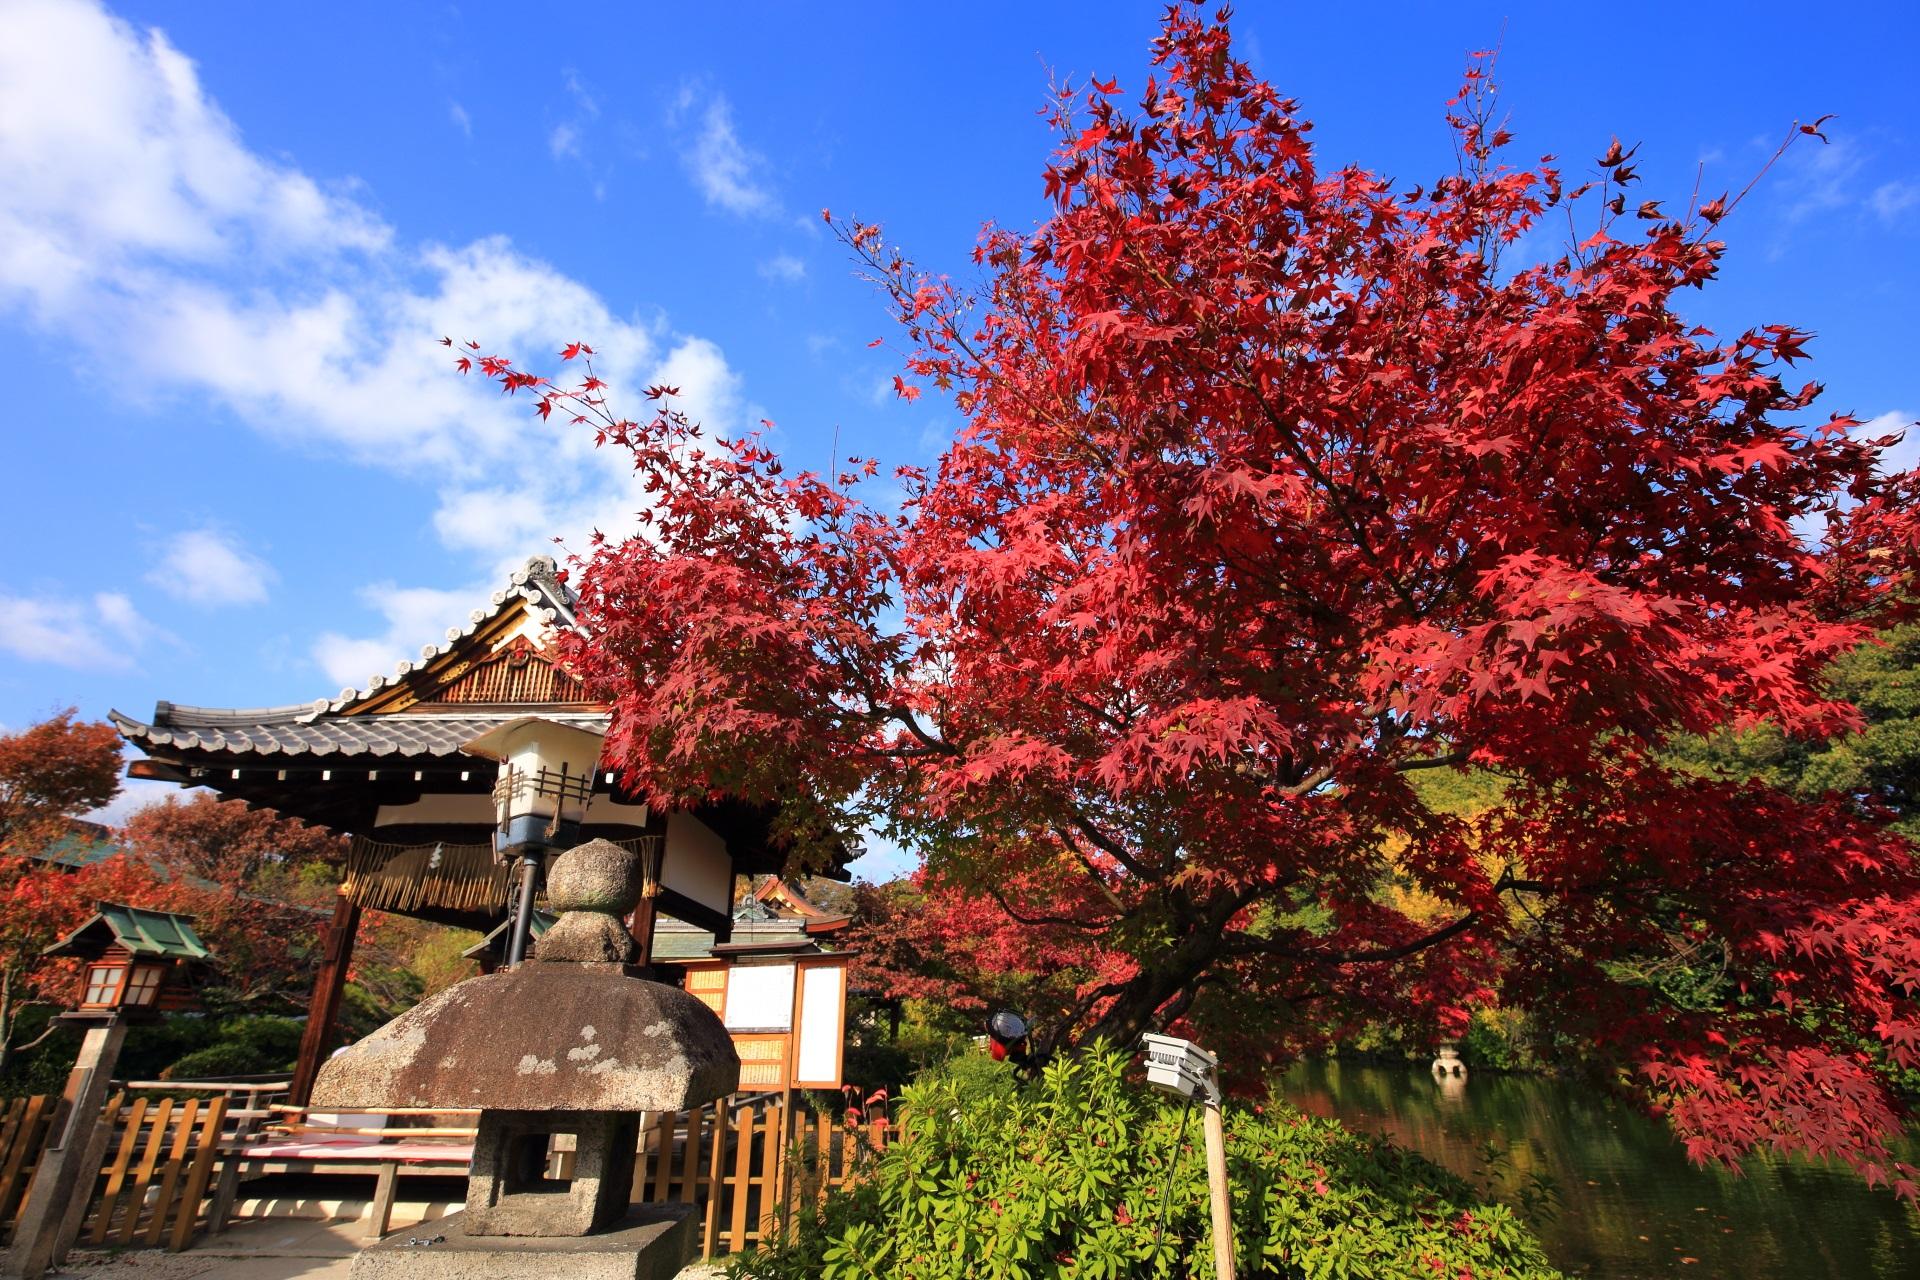 神泉苑の善女竜王社と青空を鮮やかに染める絶品の紅葉